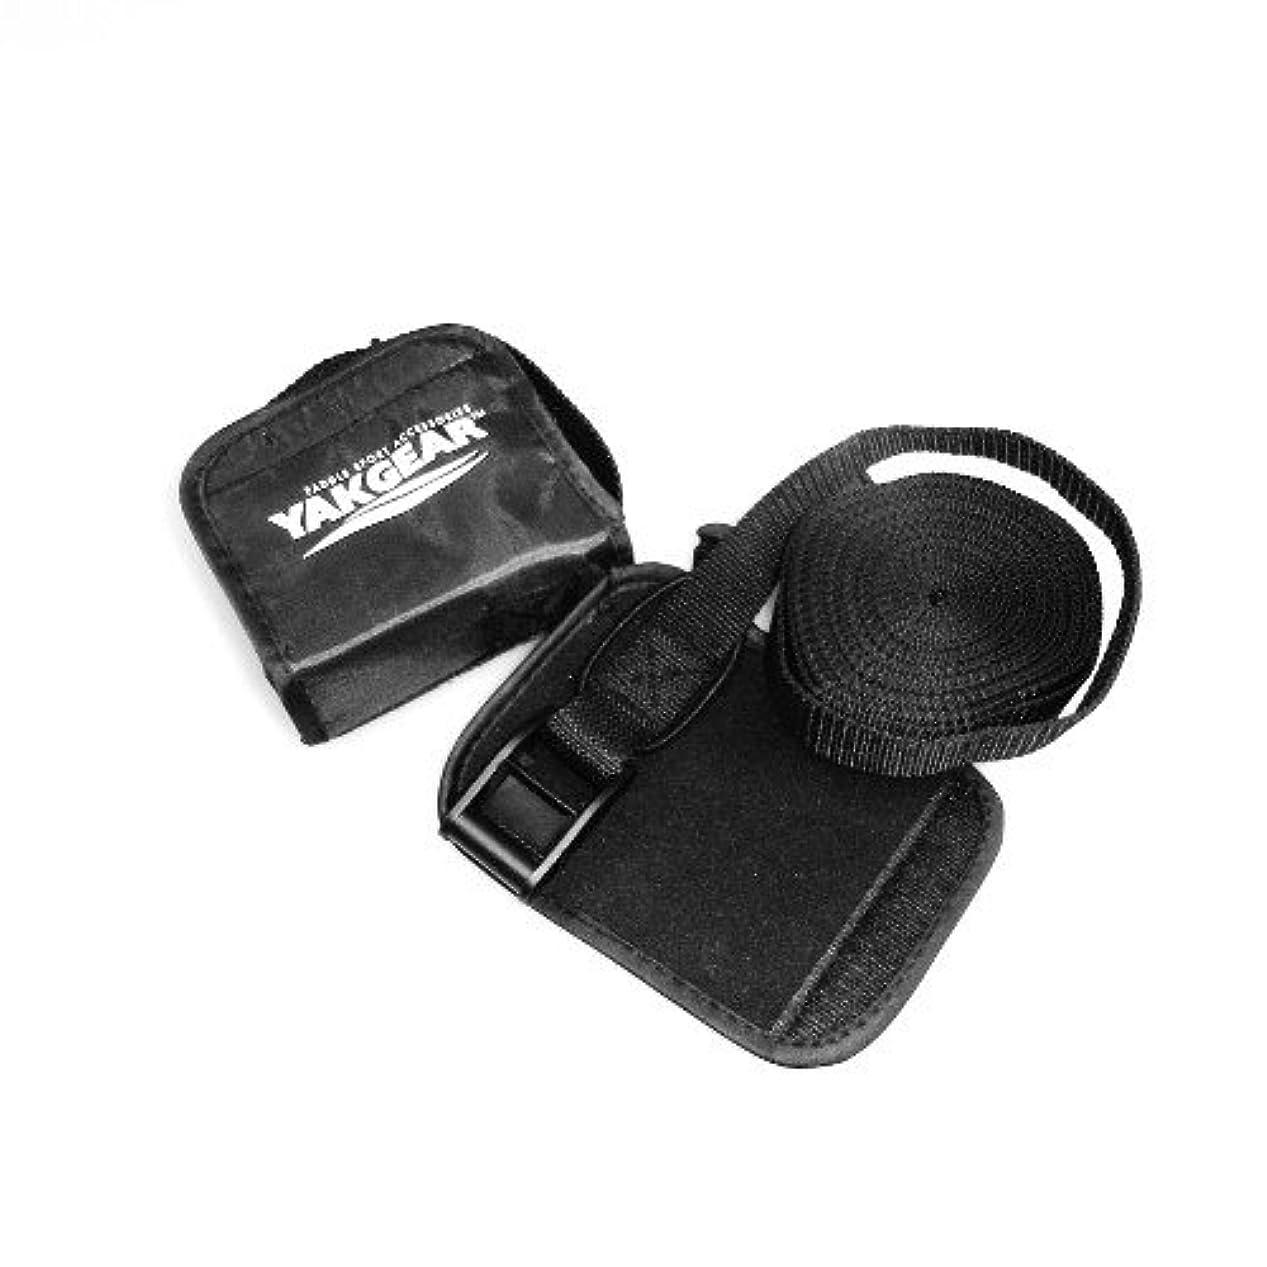 バトルつらいフォームYak Gear(ヤックギア) タイダウン ストラップ 2セット 保護パッド付き ベルト 4.5m